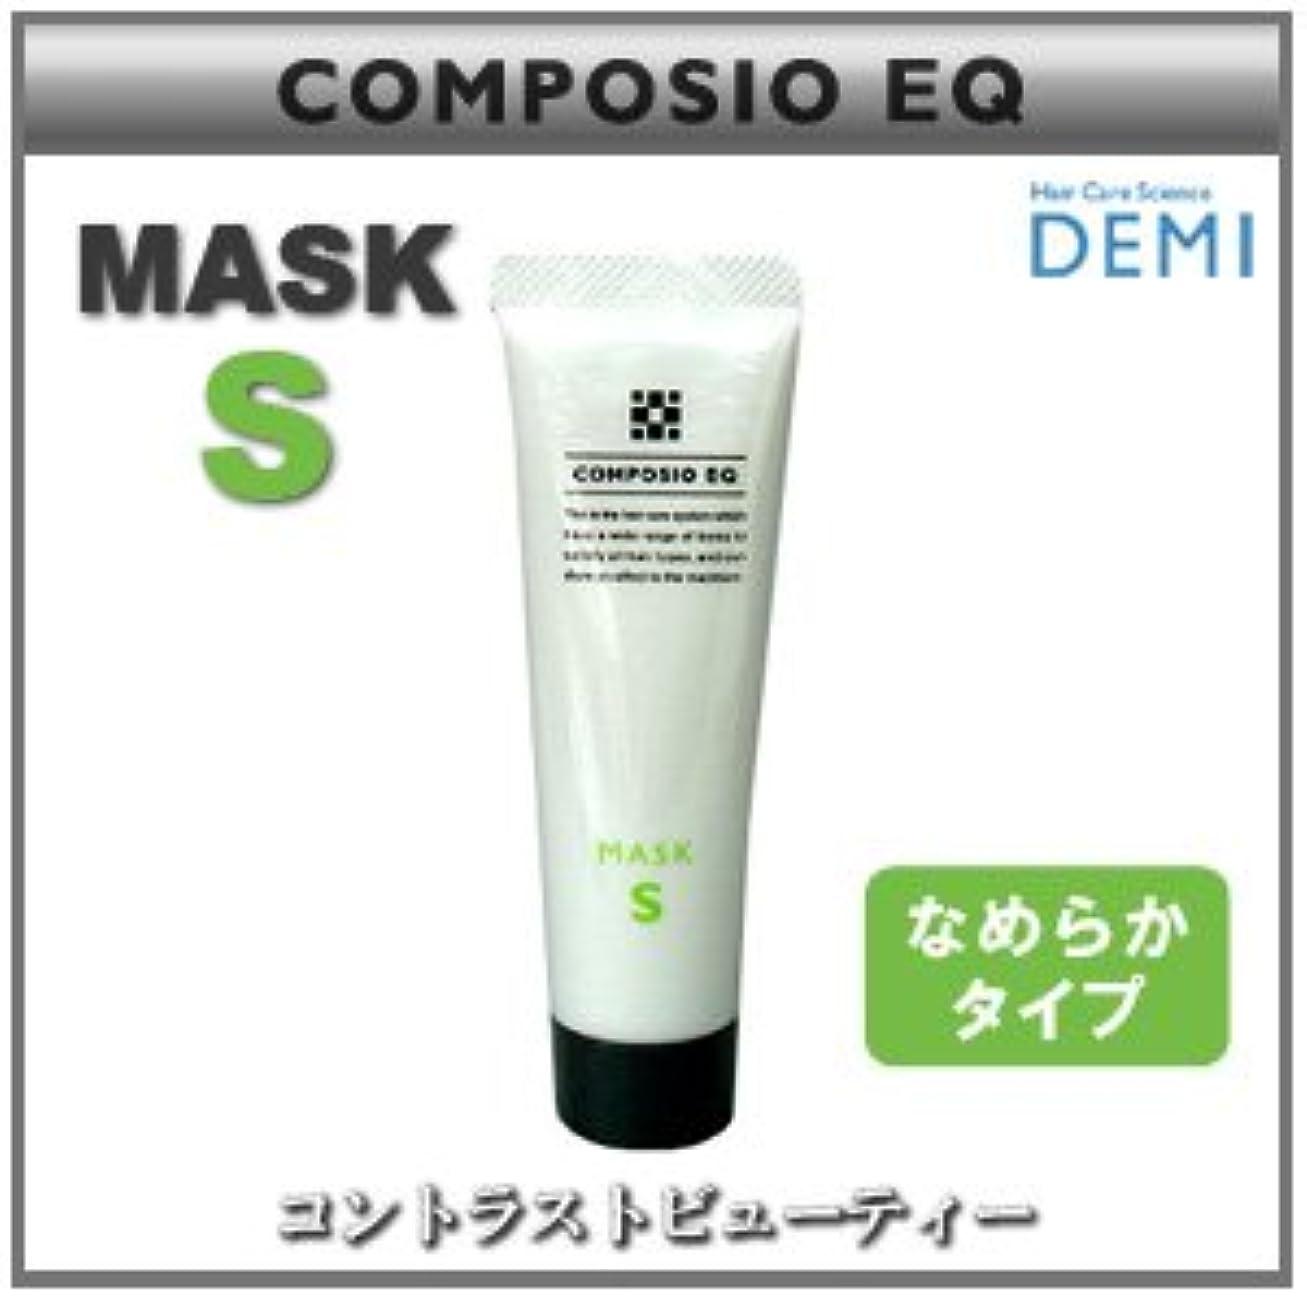 芸術的日補償【X2個セット】 デミ コンポジオ EQ マスク S 50g